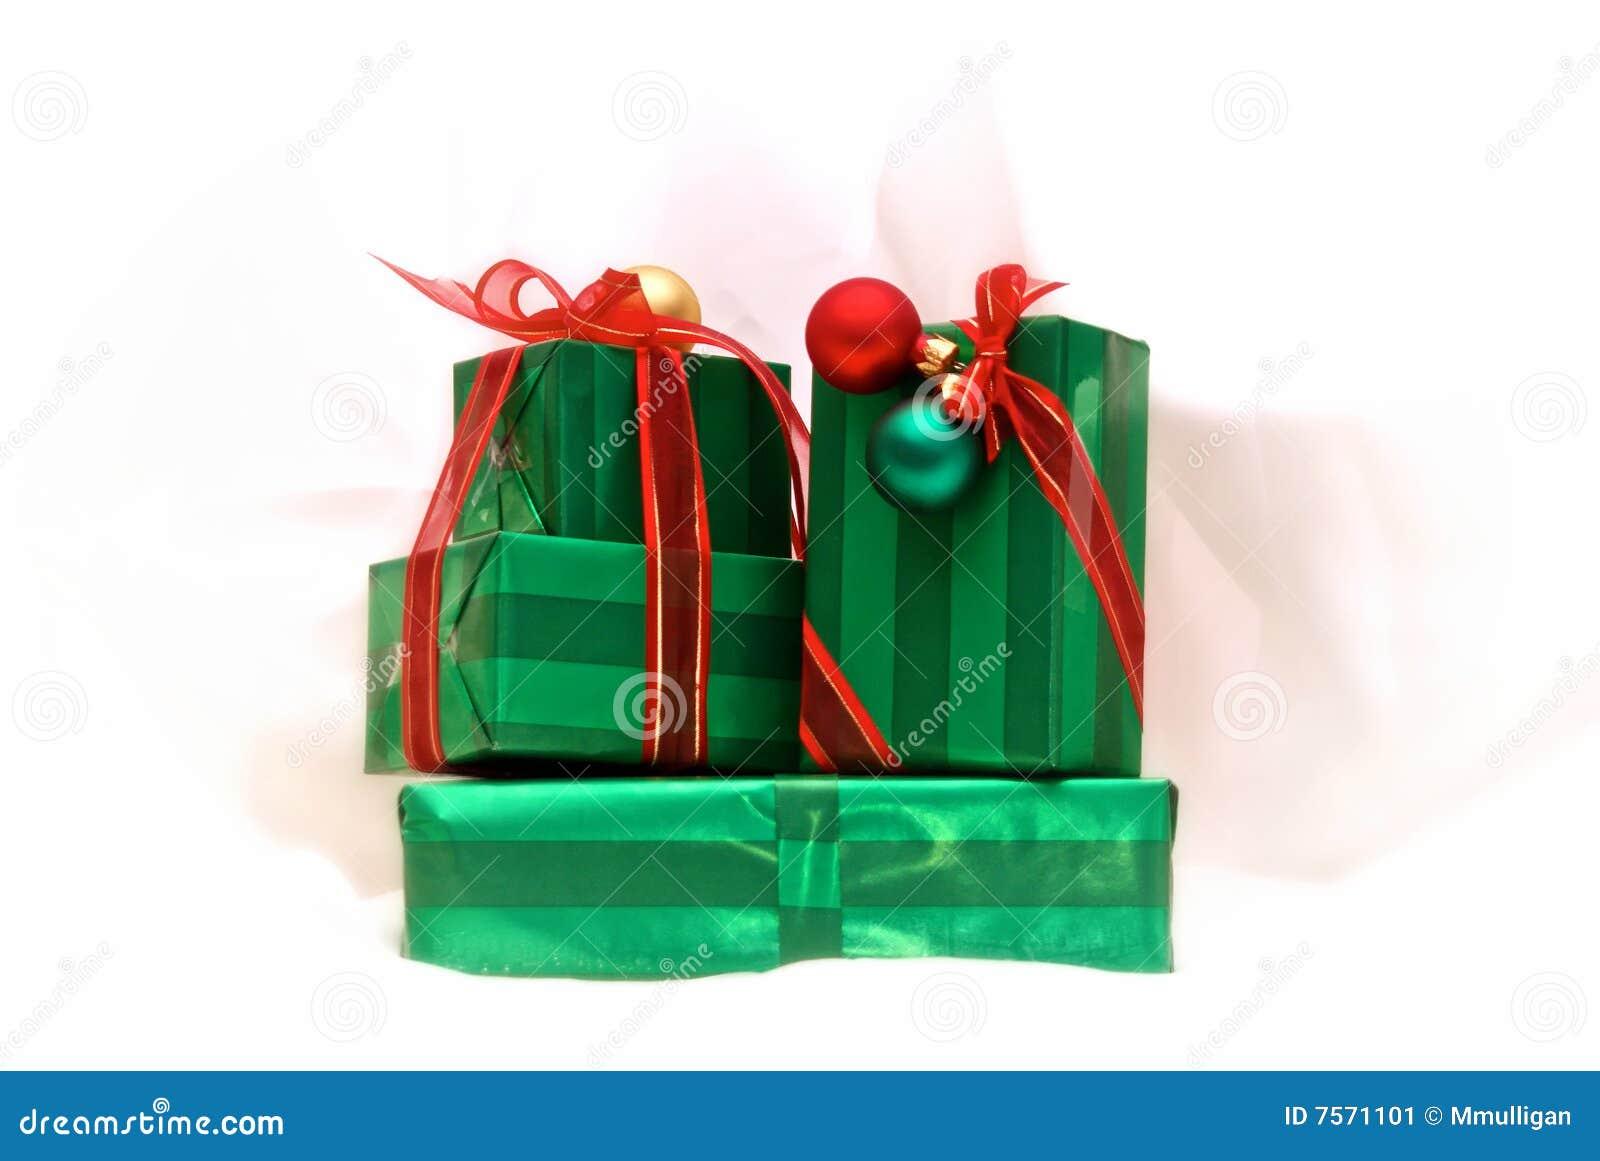 Weihnachtsgeschenke stockbild. Bild von geschenke, weiß - 7571101